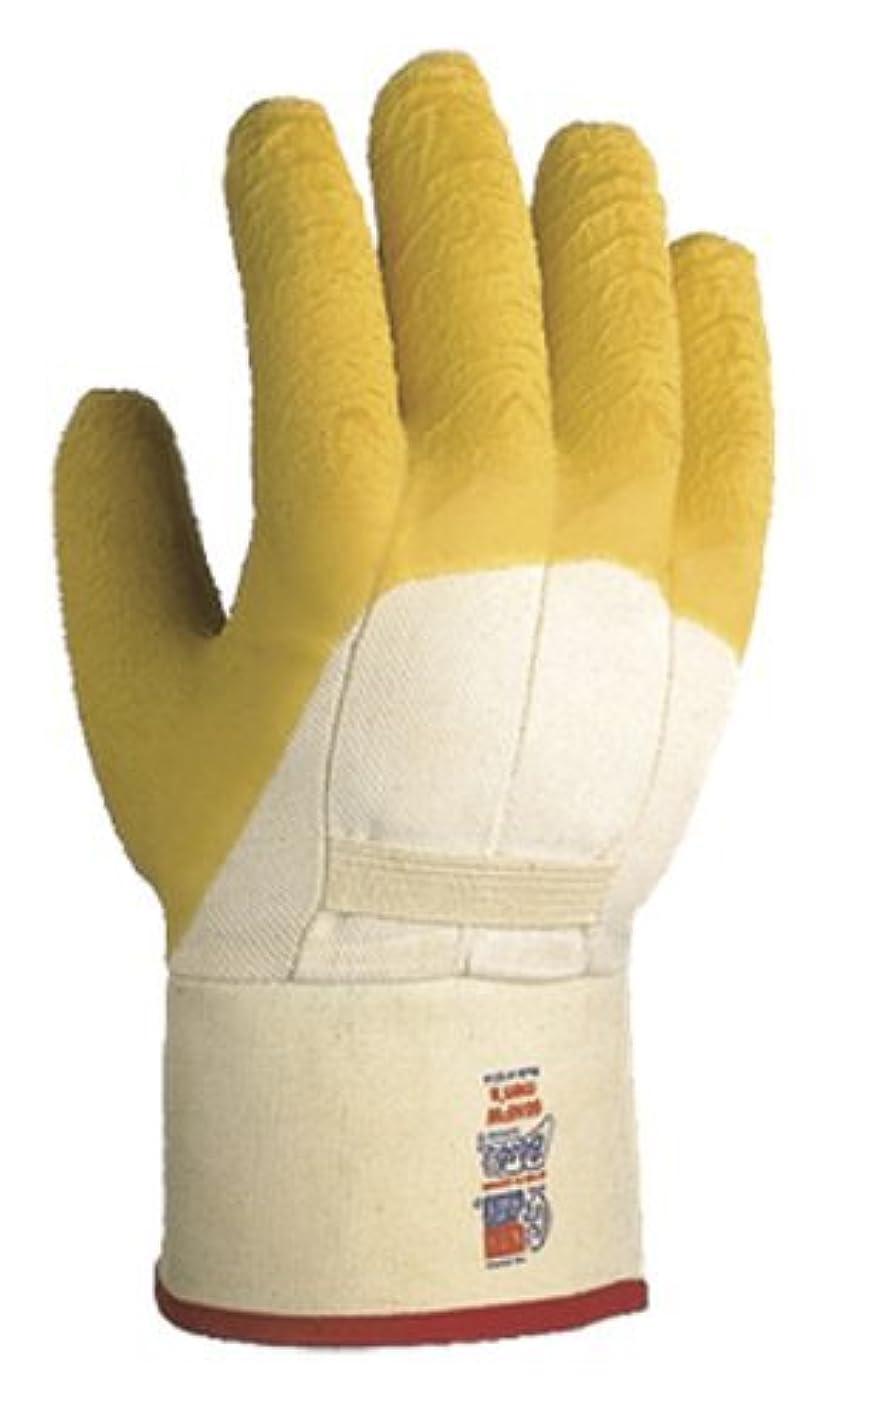 微弱に渡ってマイクロフォンShowa 66?NFW手のひらコーティング天然ゴム手袋、綿ポリエステルフランネルライナーSanitized強化安全、袖口、一般的な目的作業, Large ( Pack of 12ペア) by Showa Bestグローブ